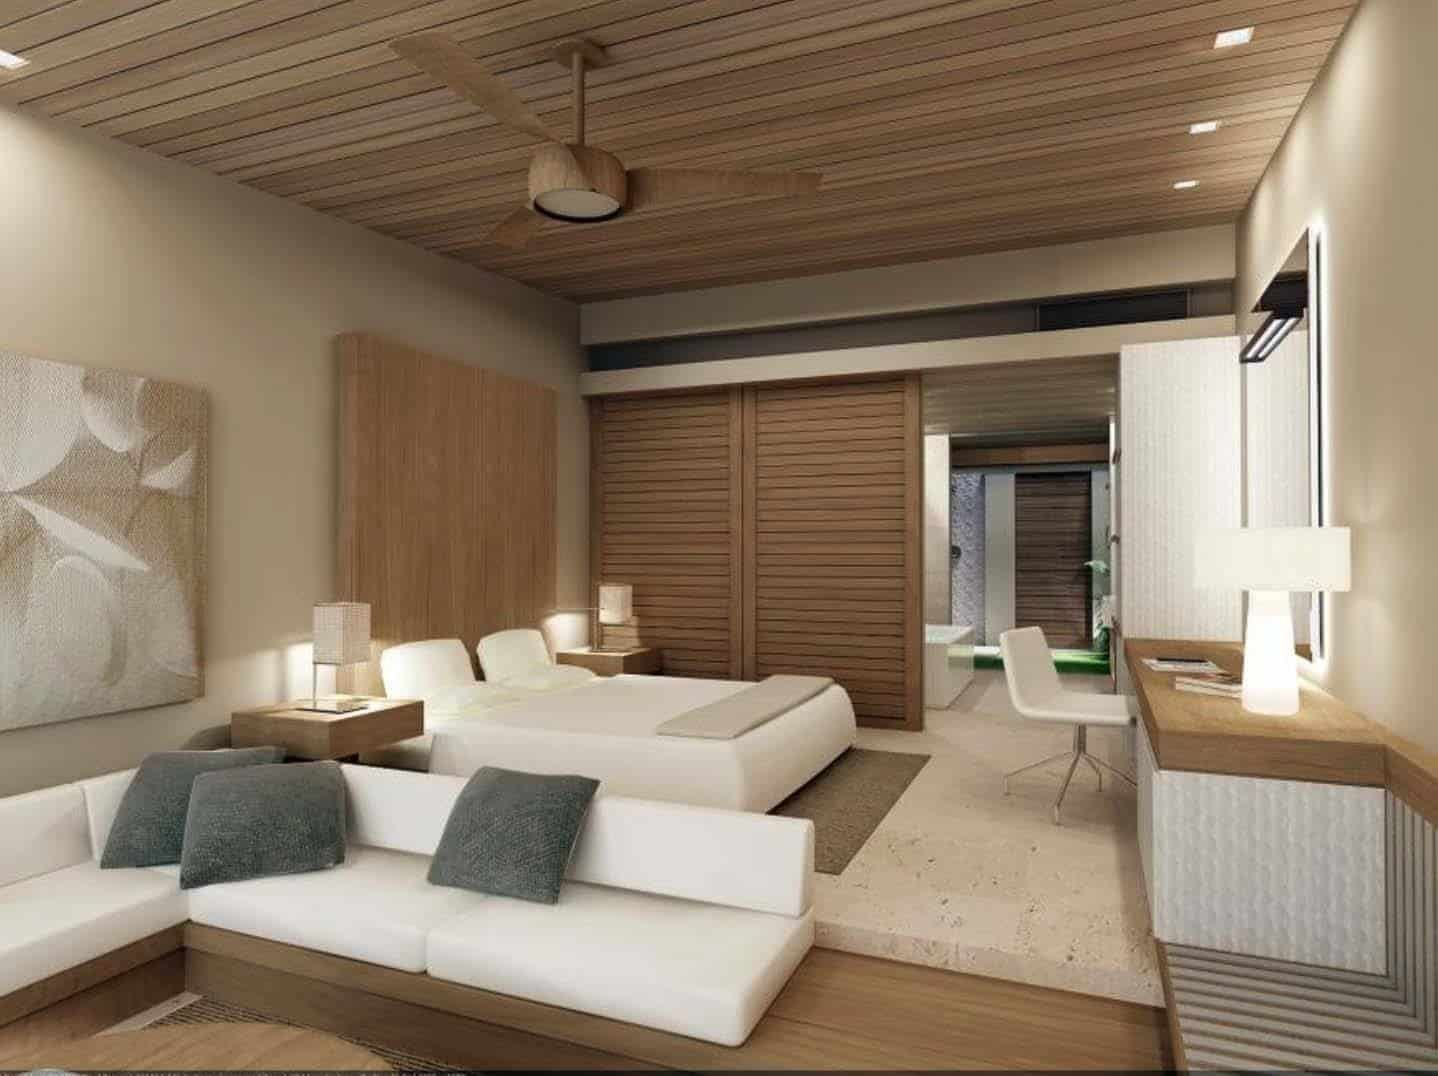 57 Romantic Bedroom Ideas (Design & Decorating Pictures ...